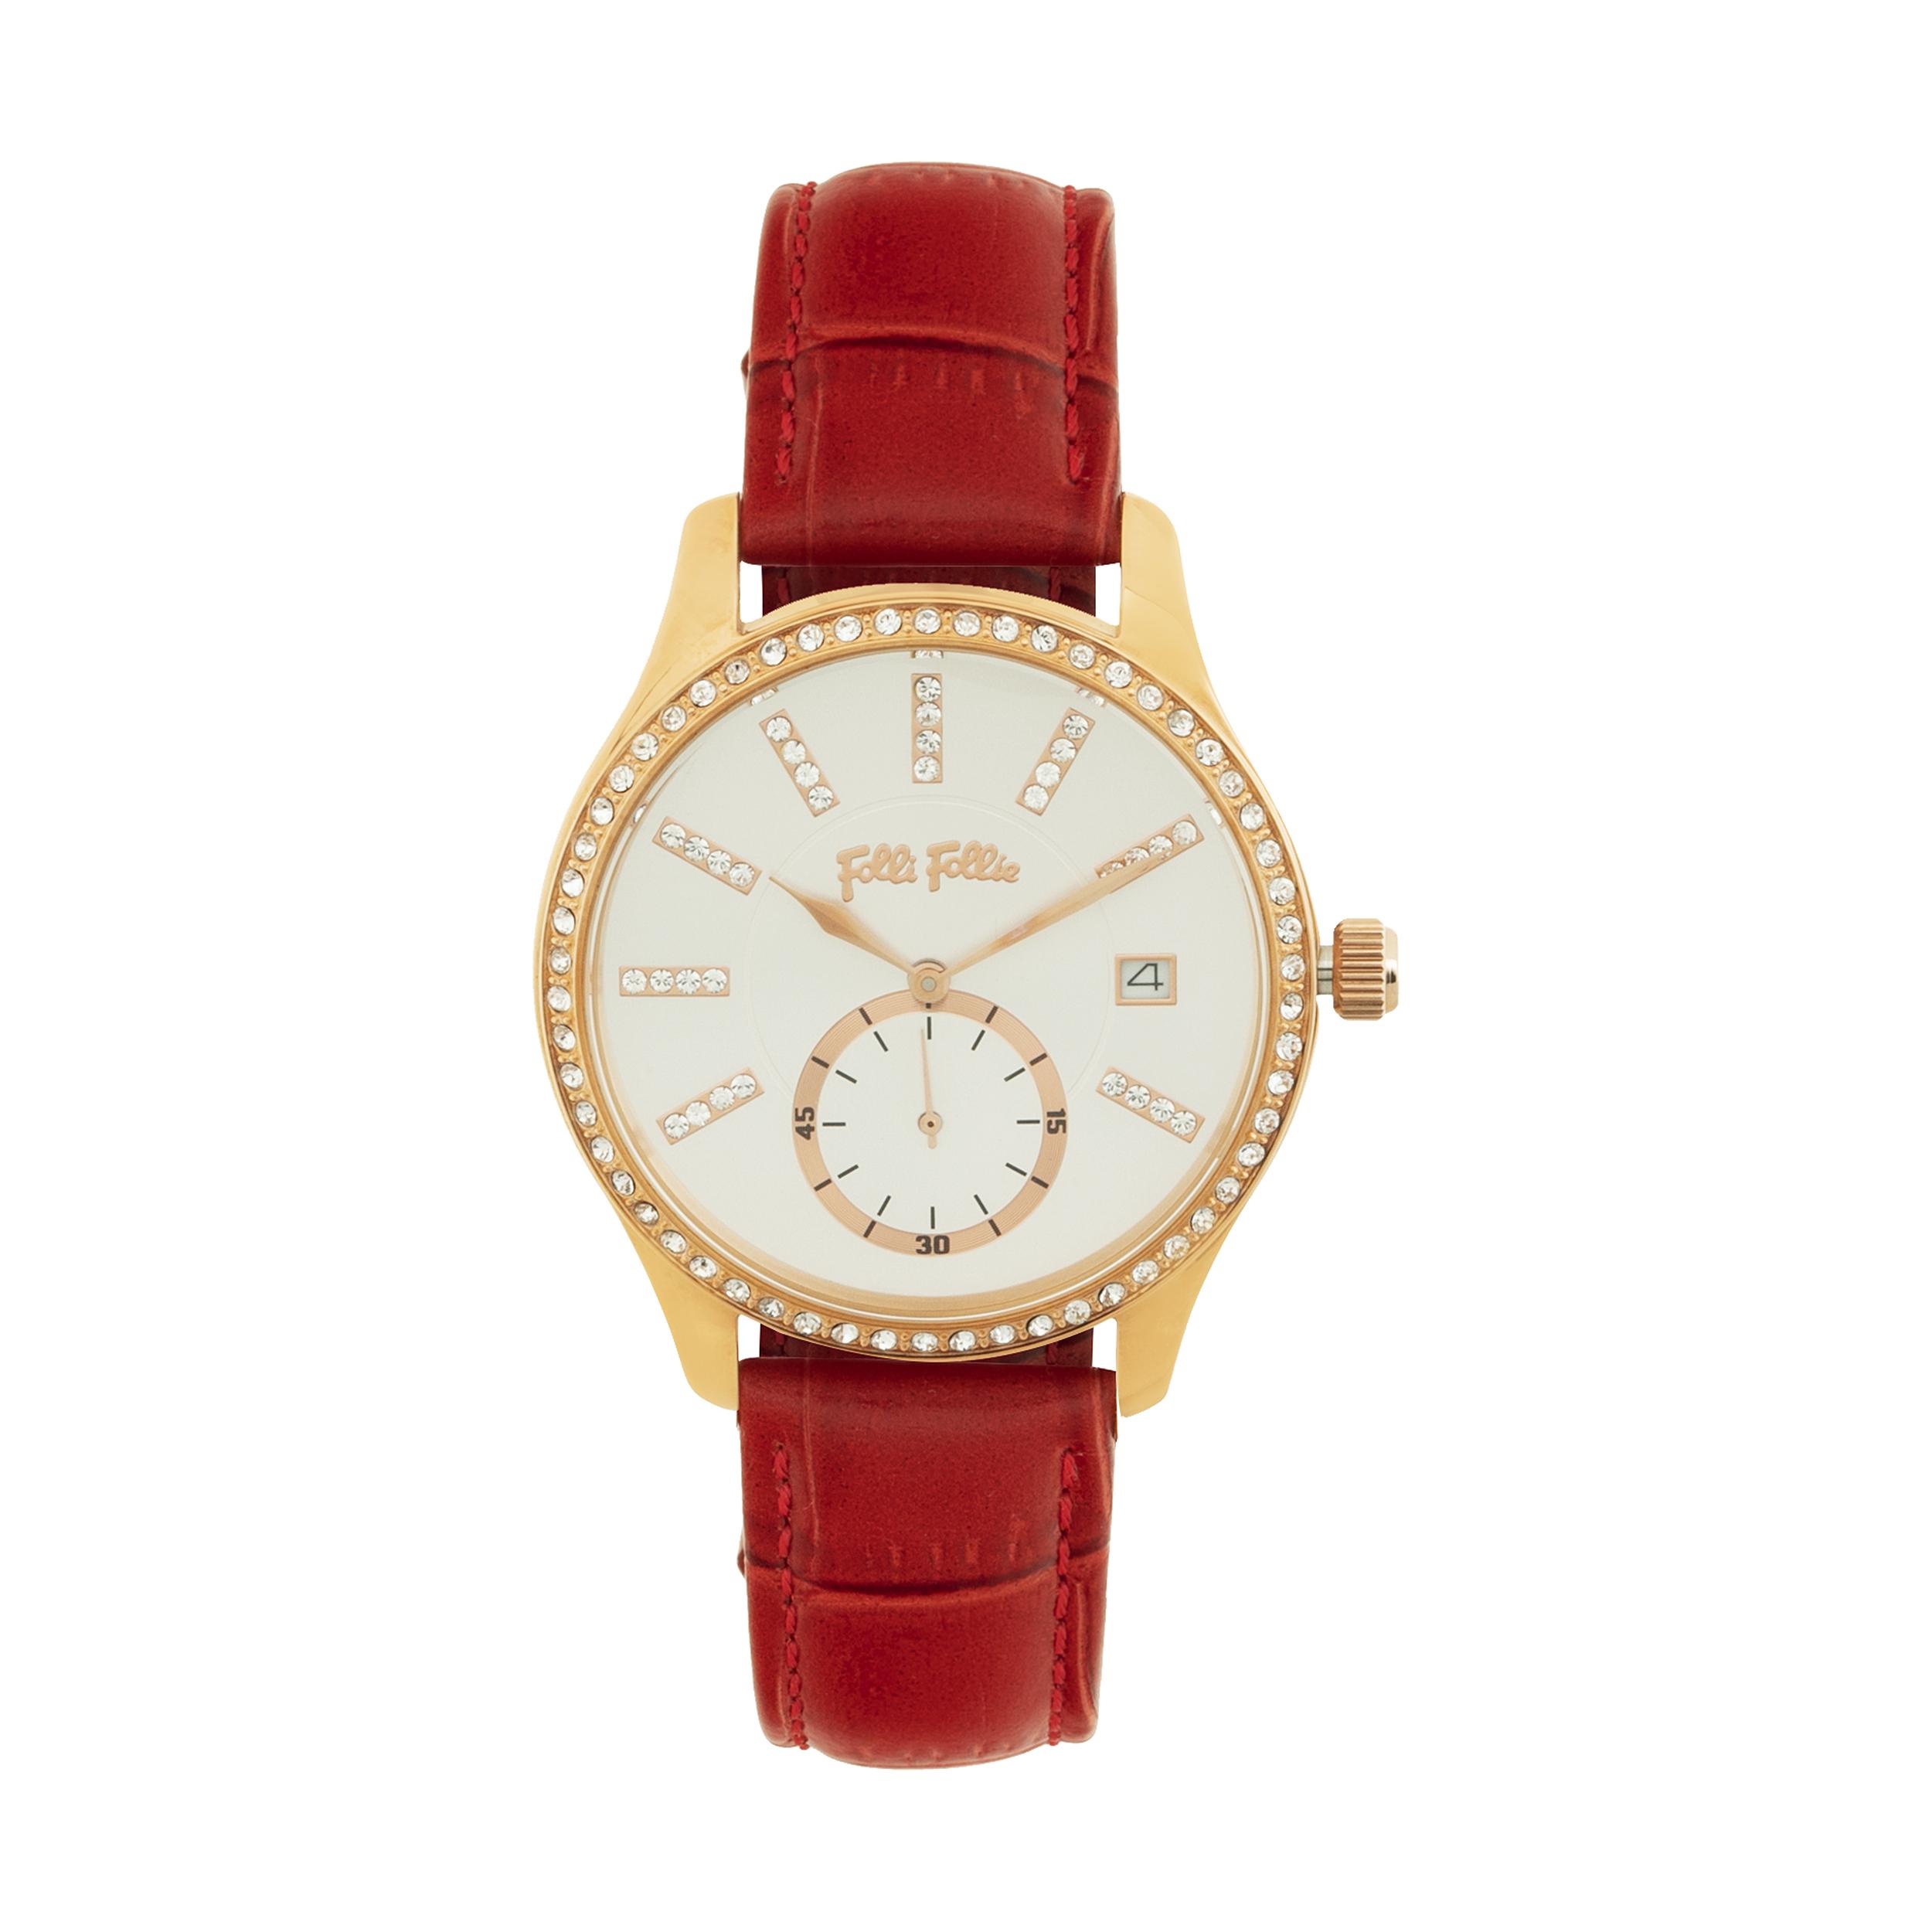 ساعت مچی عقربه ای زنانه فولی فولیه مدل WF18B004STS-RE (بدون جعبه اورجینال)              خرید (⭐️⭐️⭐️)